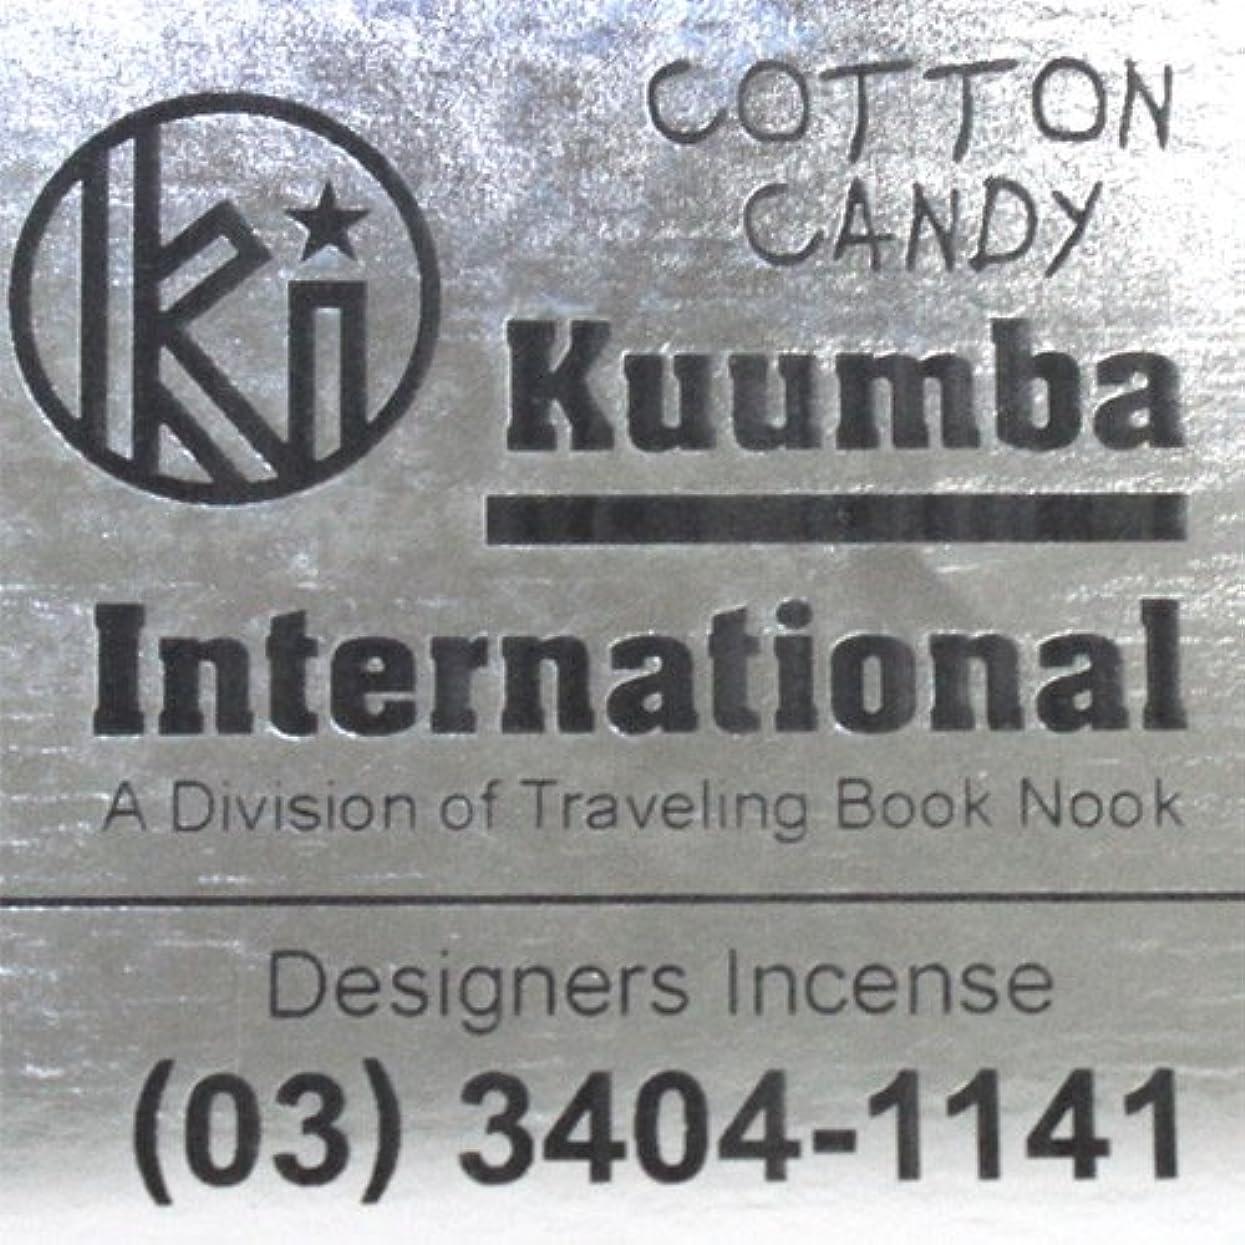 急速なおめでとう発明KUUMBA / クンバ『incense』(COTTON CANDY) (Regular size)